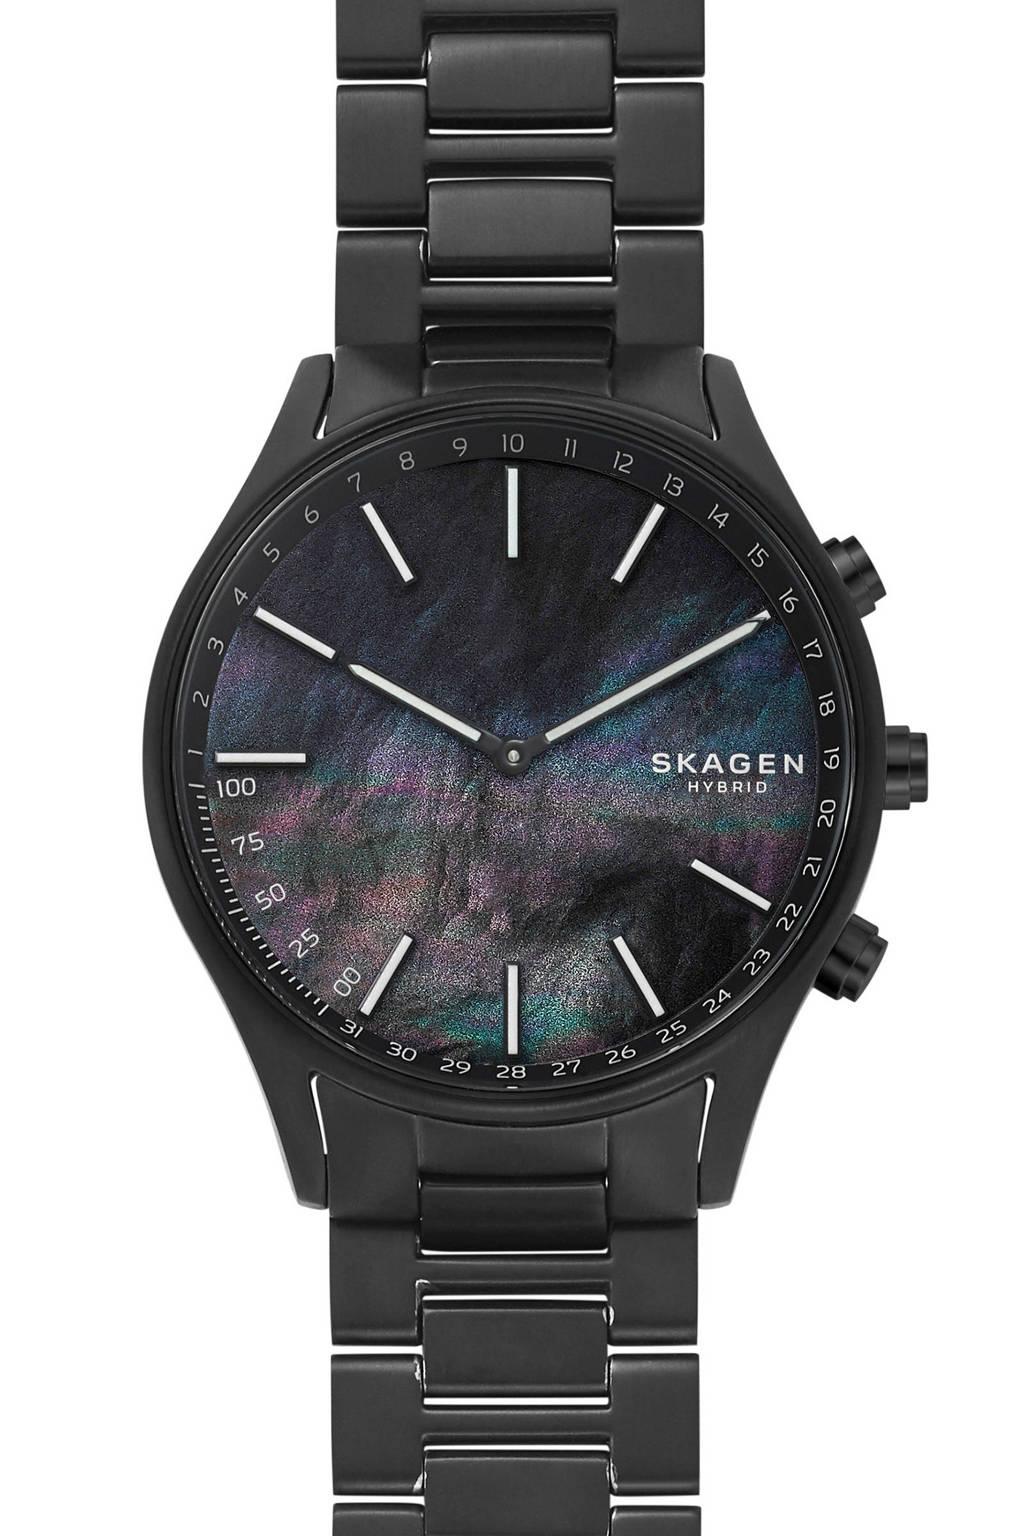 Skagen Holst heren Hybrid smartwatch SKT1312, Zwart